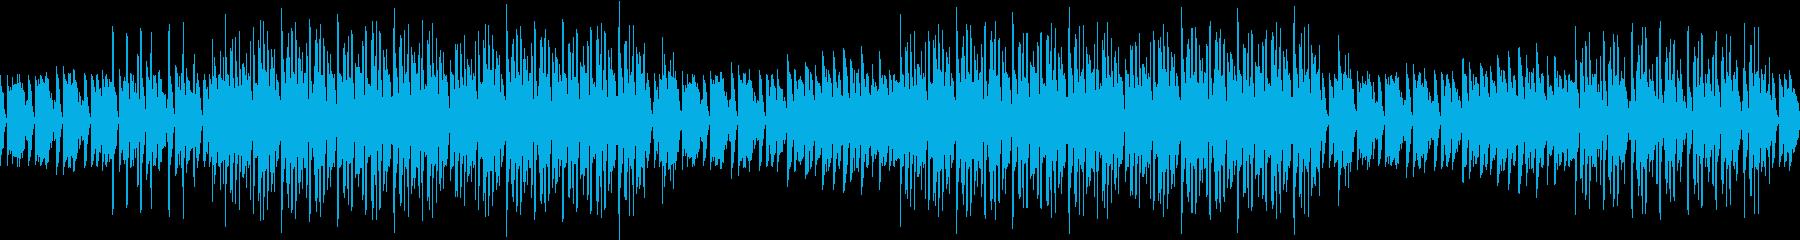 エンディング・ピアノ・ヒップホップ・夜の再生済みの波形